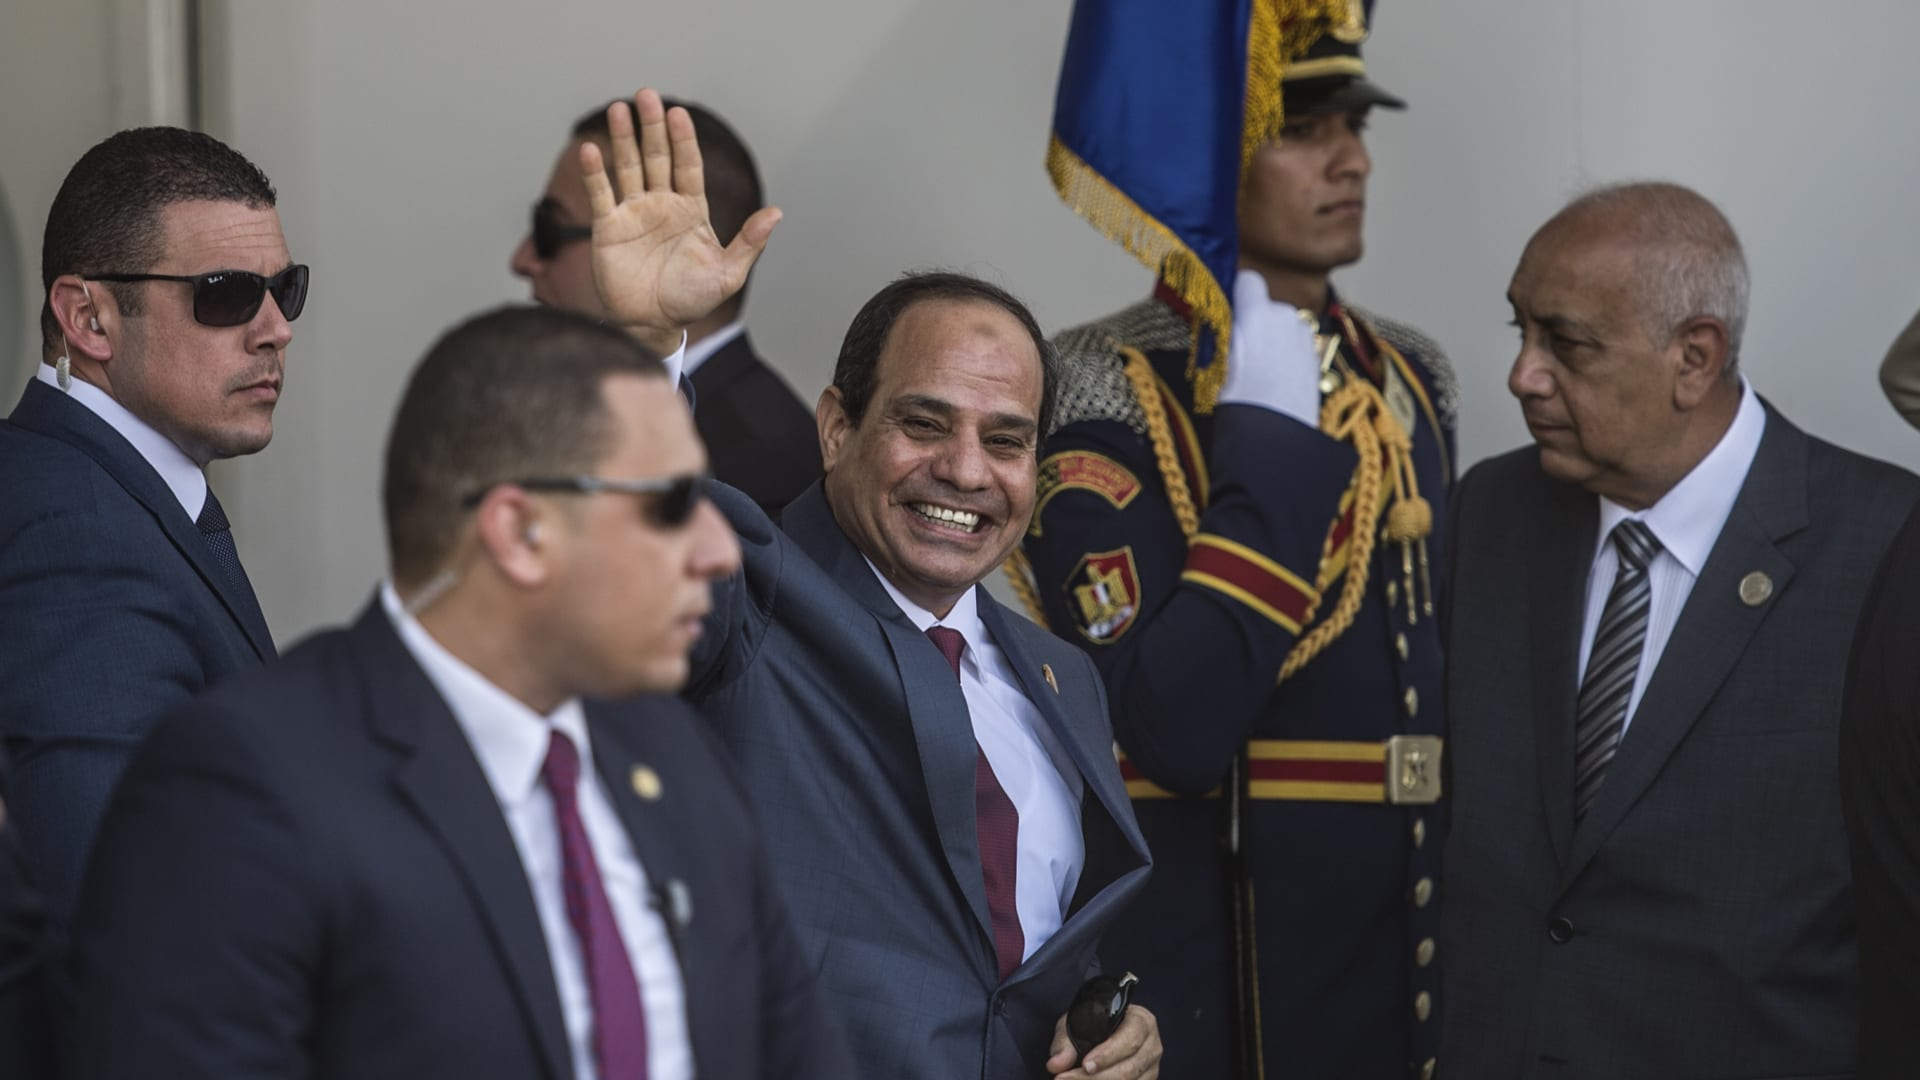 برلمان مصر يوافق على تعديلات الدستور.. ماذا ينتظر البلاد؟